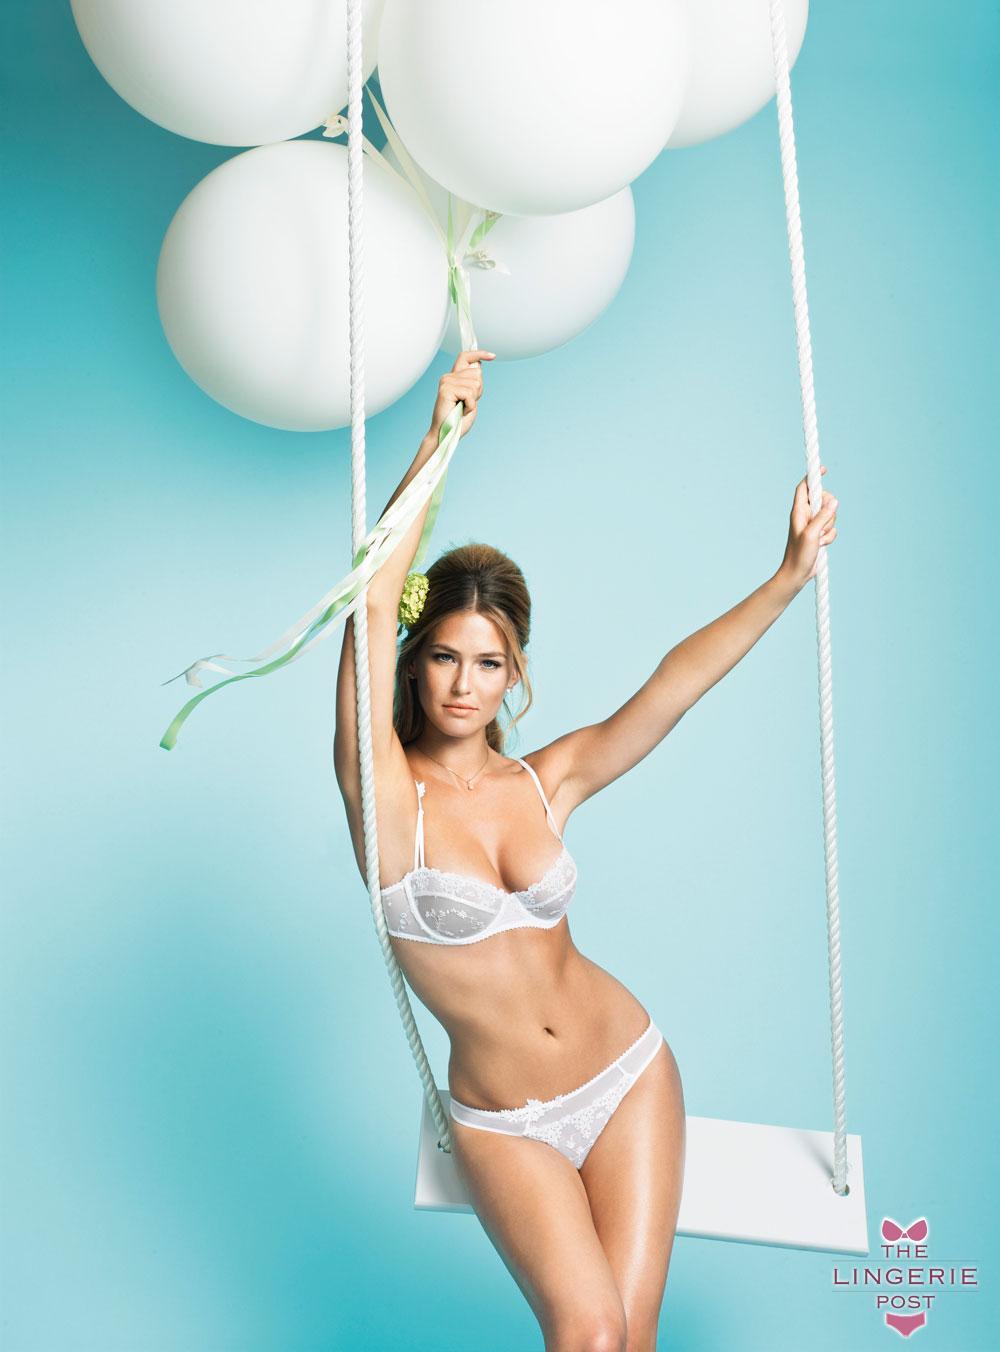 Super%2BSexy%2BBar%2BRefaeli%2BModels%2BLingerie%2BFor%2BPassionata%2Bwww.GutterUncensored.com%2Bbar refaeli lingerie passionata 07 Bikini Hollywood Blog Presents Femilet lingerie Fall 2010 Photoshoot